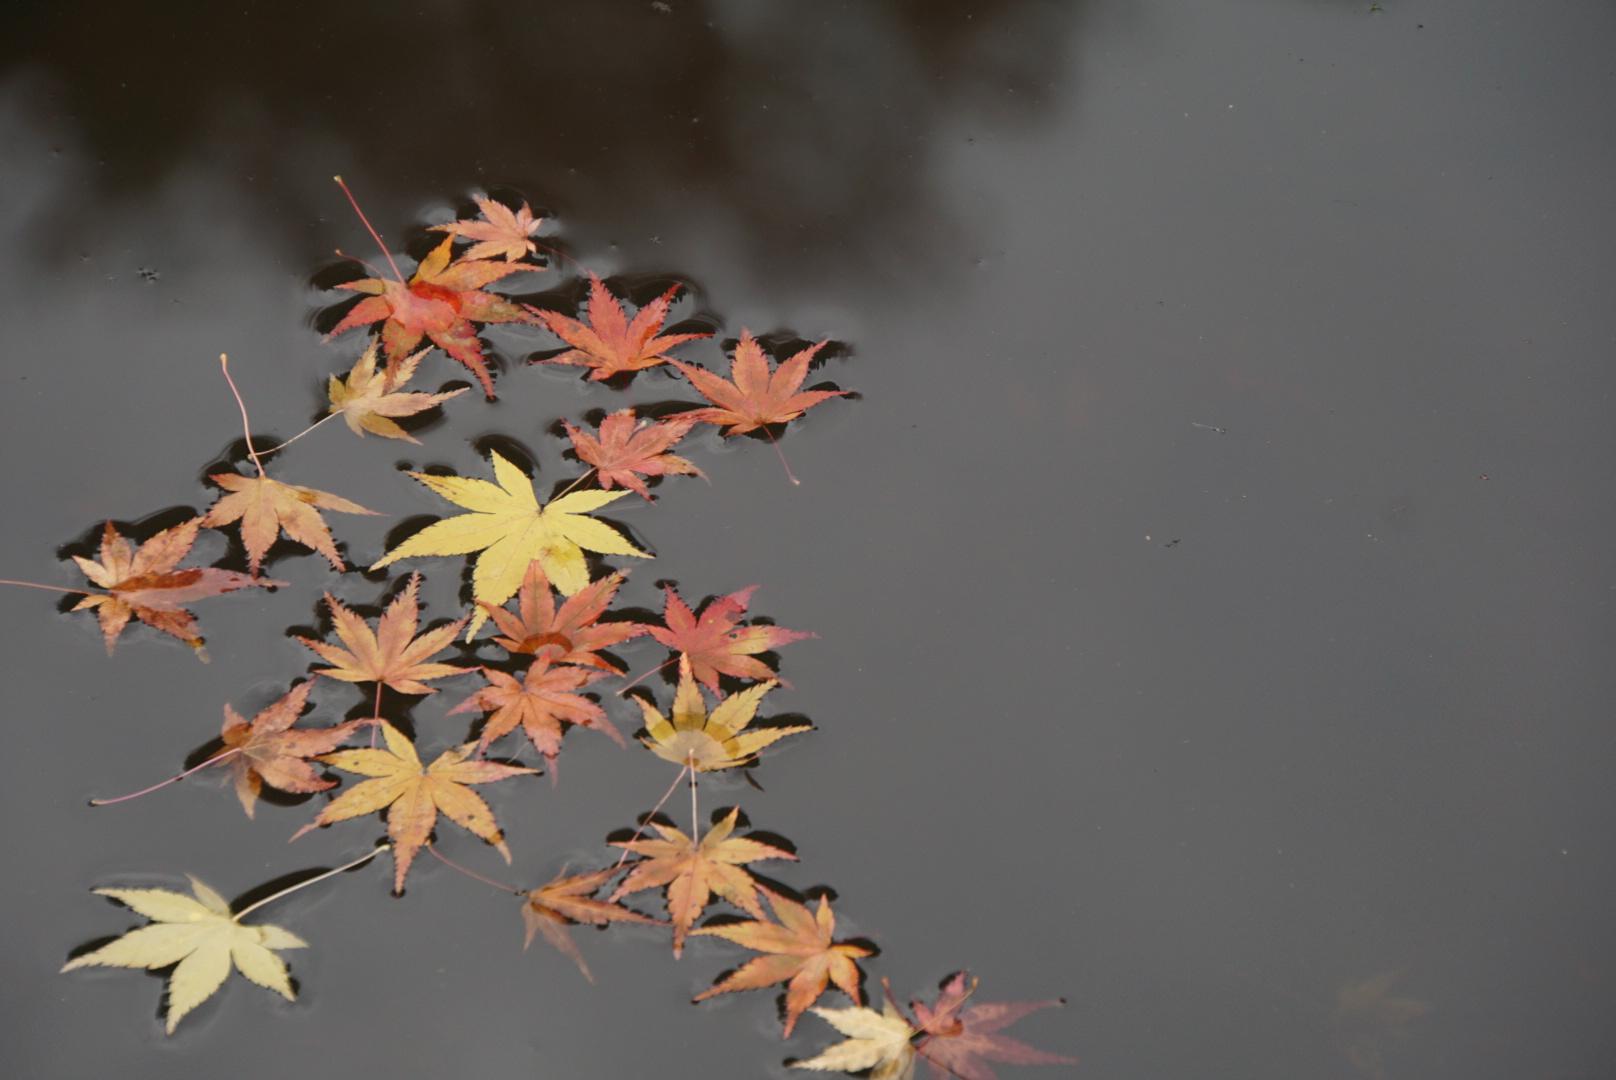 福島の寒さの深淵がわからない無天気予報生活 と 小学生の雨の日フォーメーション